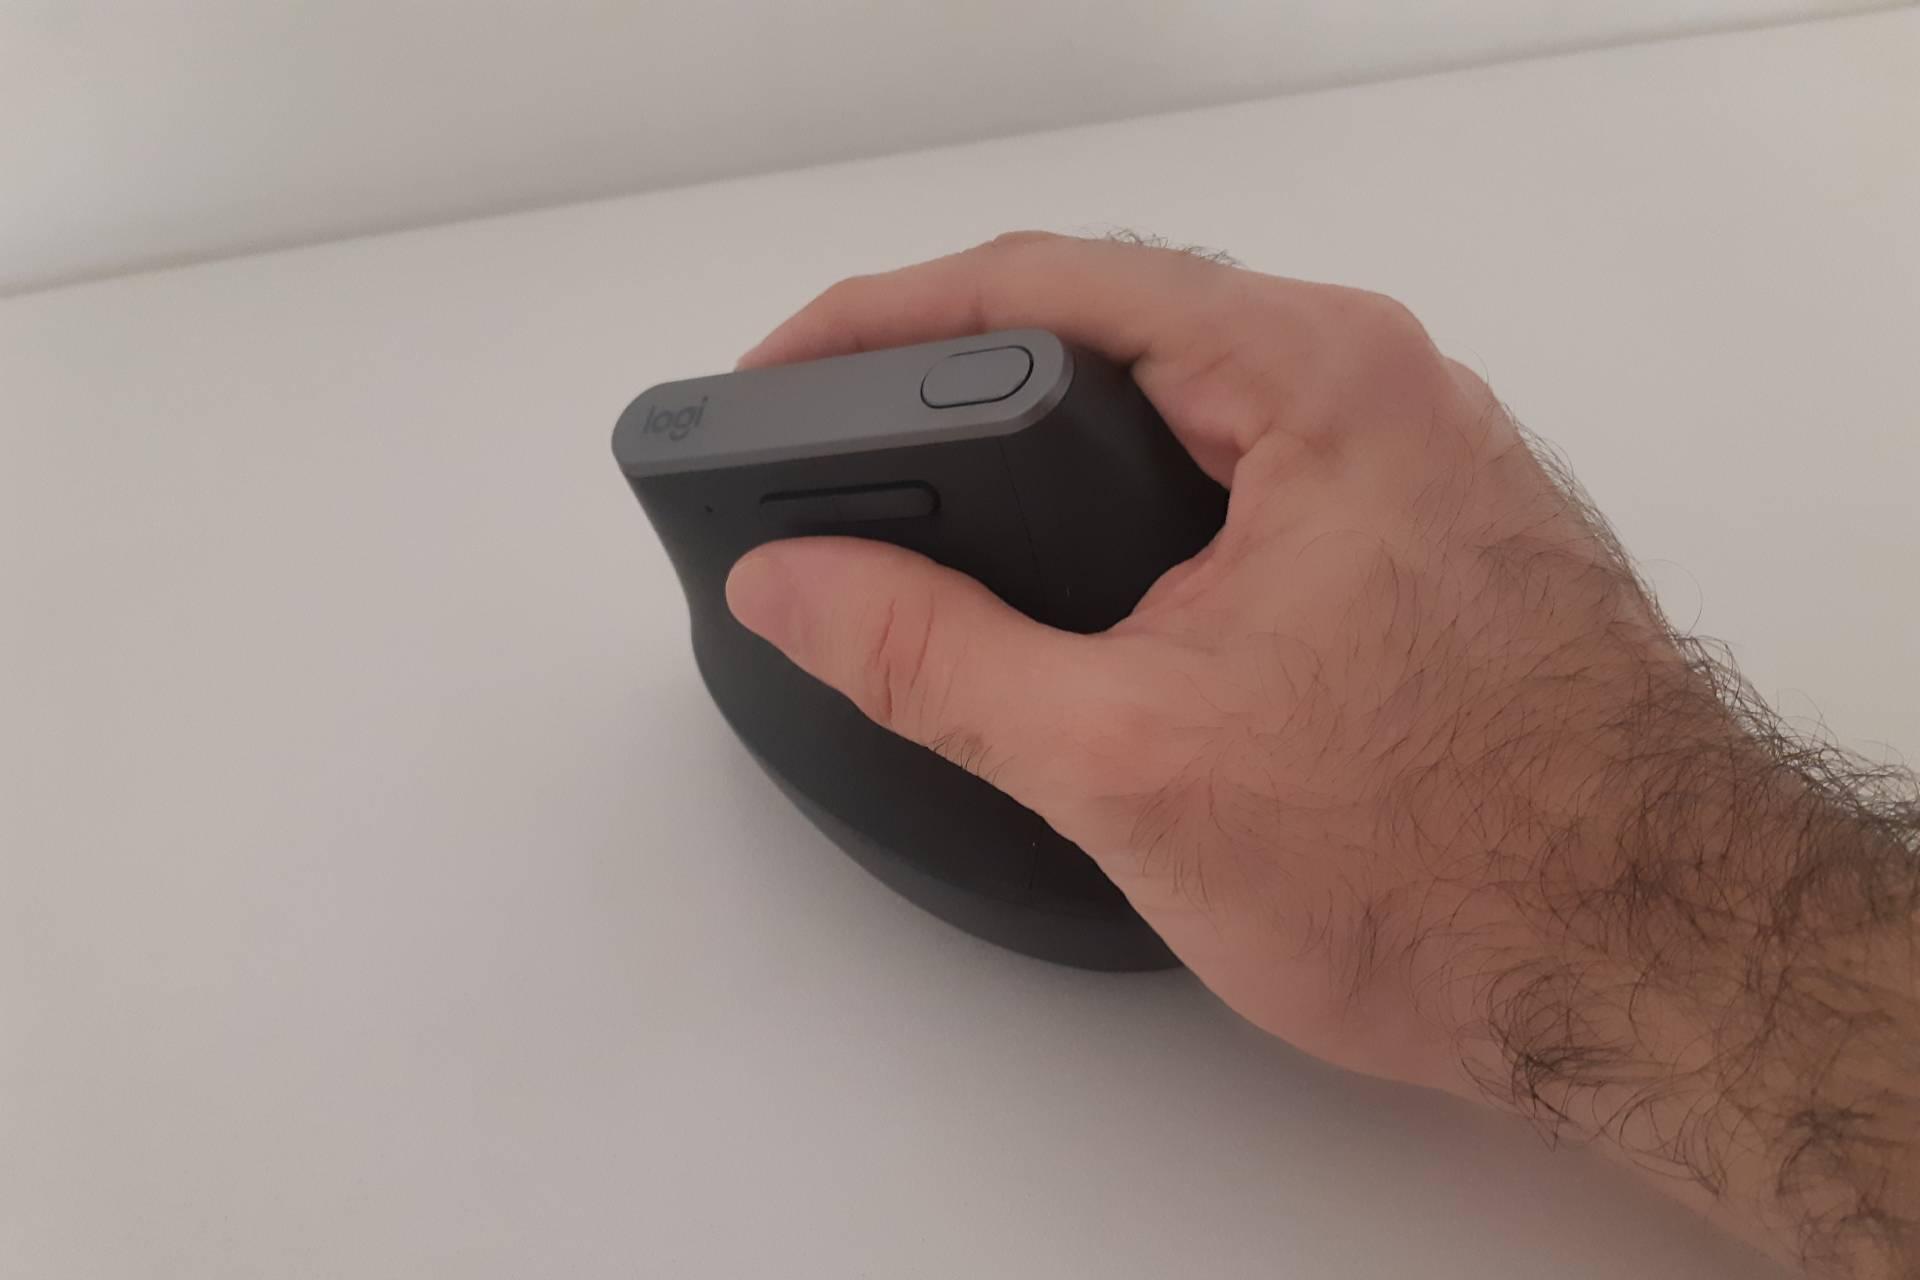 O mouse Logitech MX Vertical traz botões para avançar ou retroceder, além de um ajuste de sensibilidade (Foto: Filipe Salles)